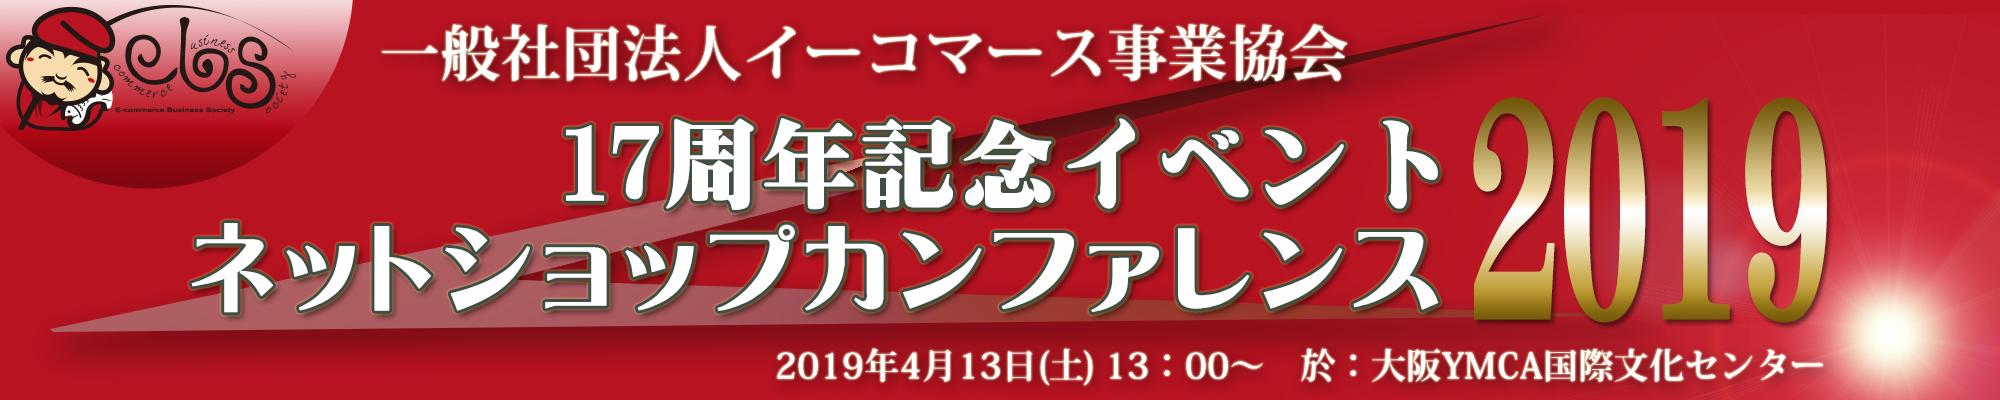 17周年記念イベント ネットショップカンファレンス2019